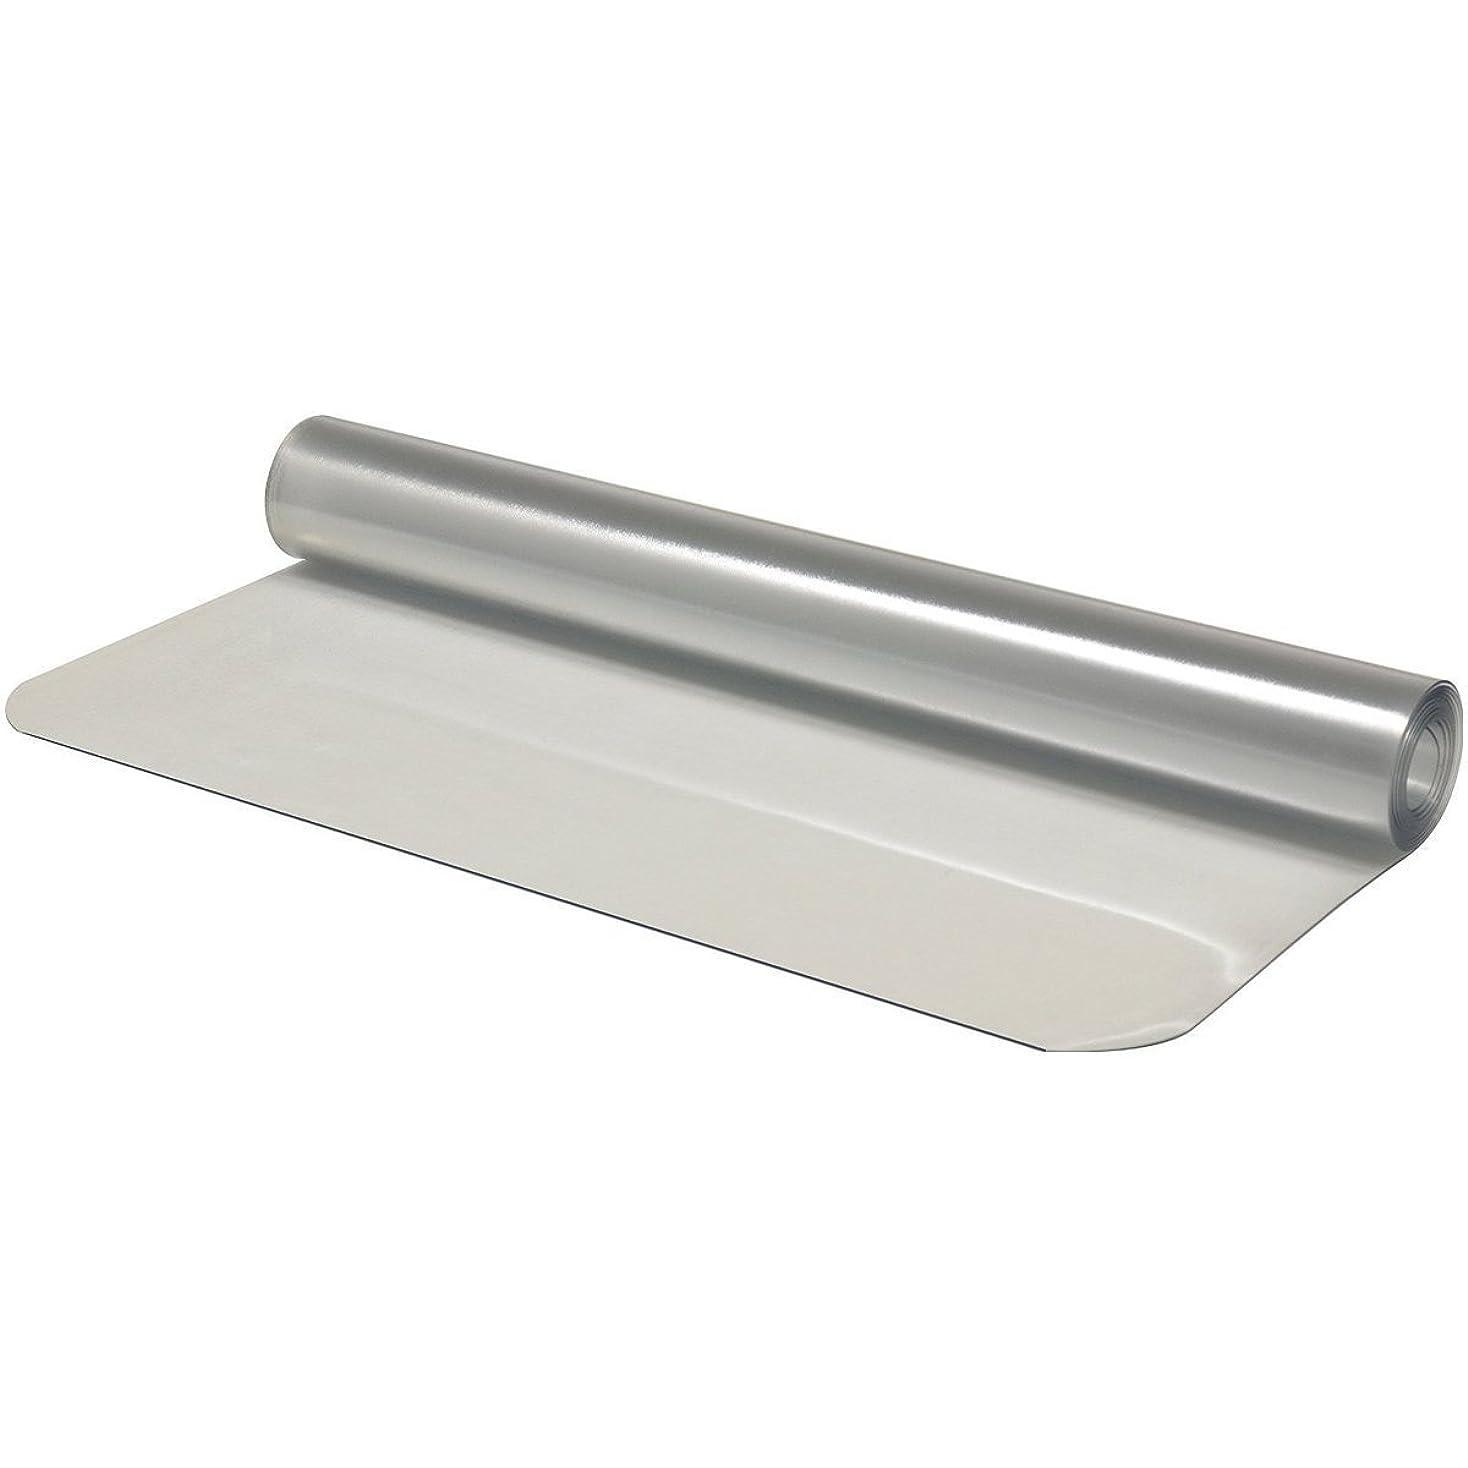 非アクティブ耐える令状ottostyle.jp 床を保護するマルチマット クリア 厚さ1.5mm 約 奥行き240cm×幅60cm ハードフロア用/ソフトタイプ カット可能 / キッチンマット?デスクマットとしても使用可